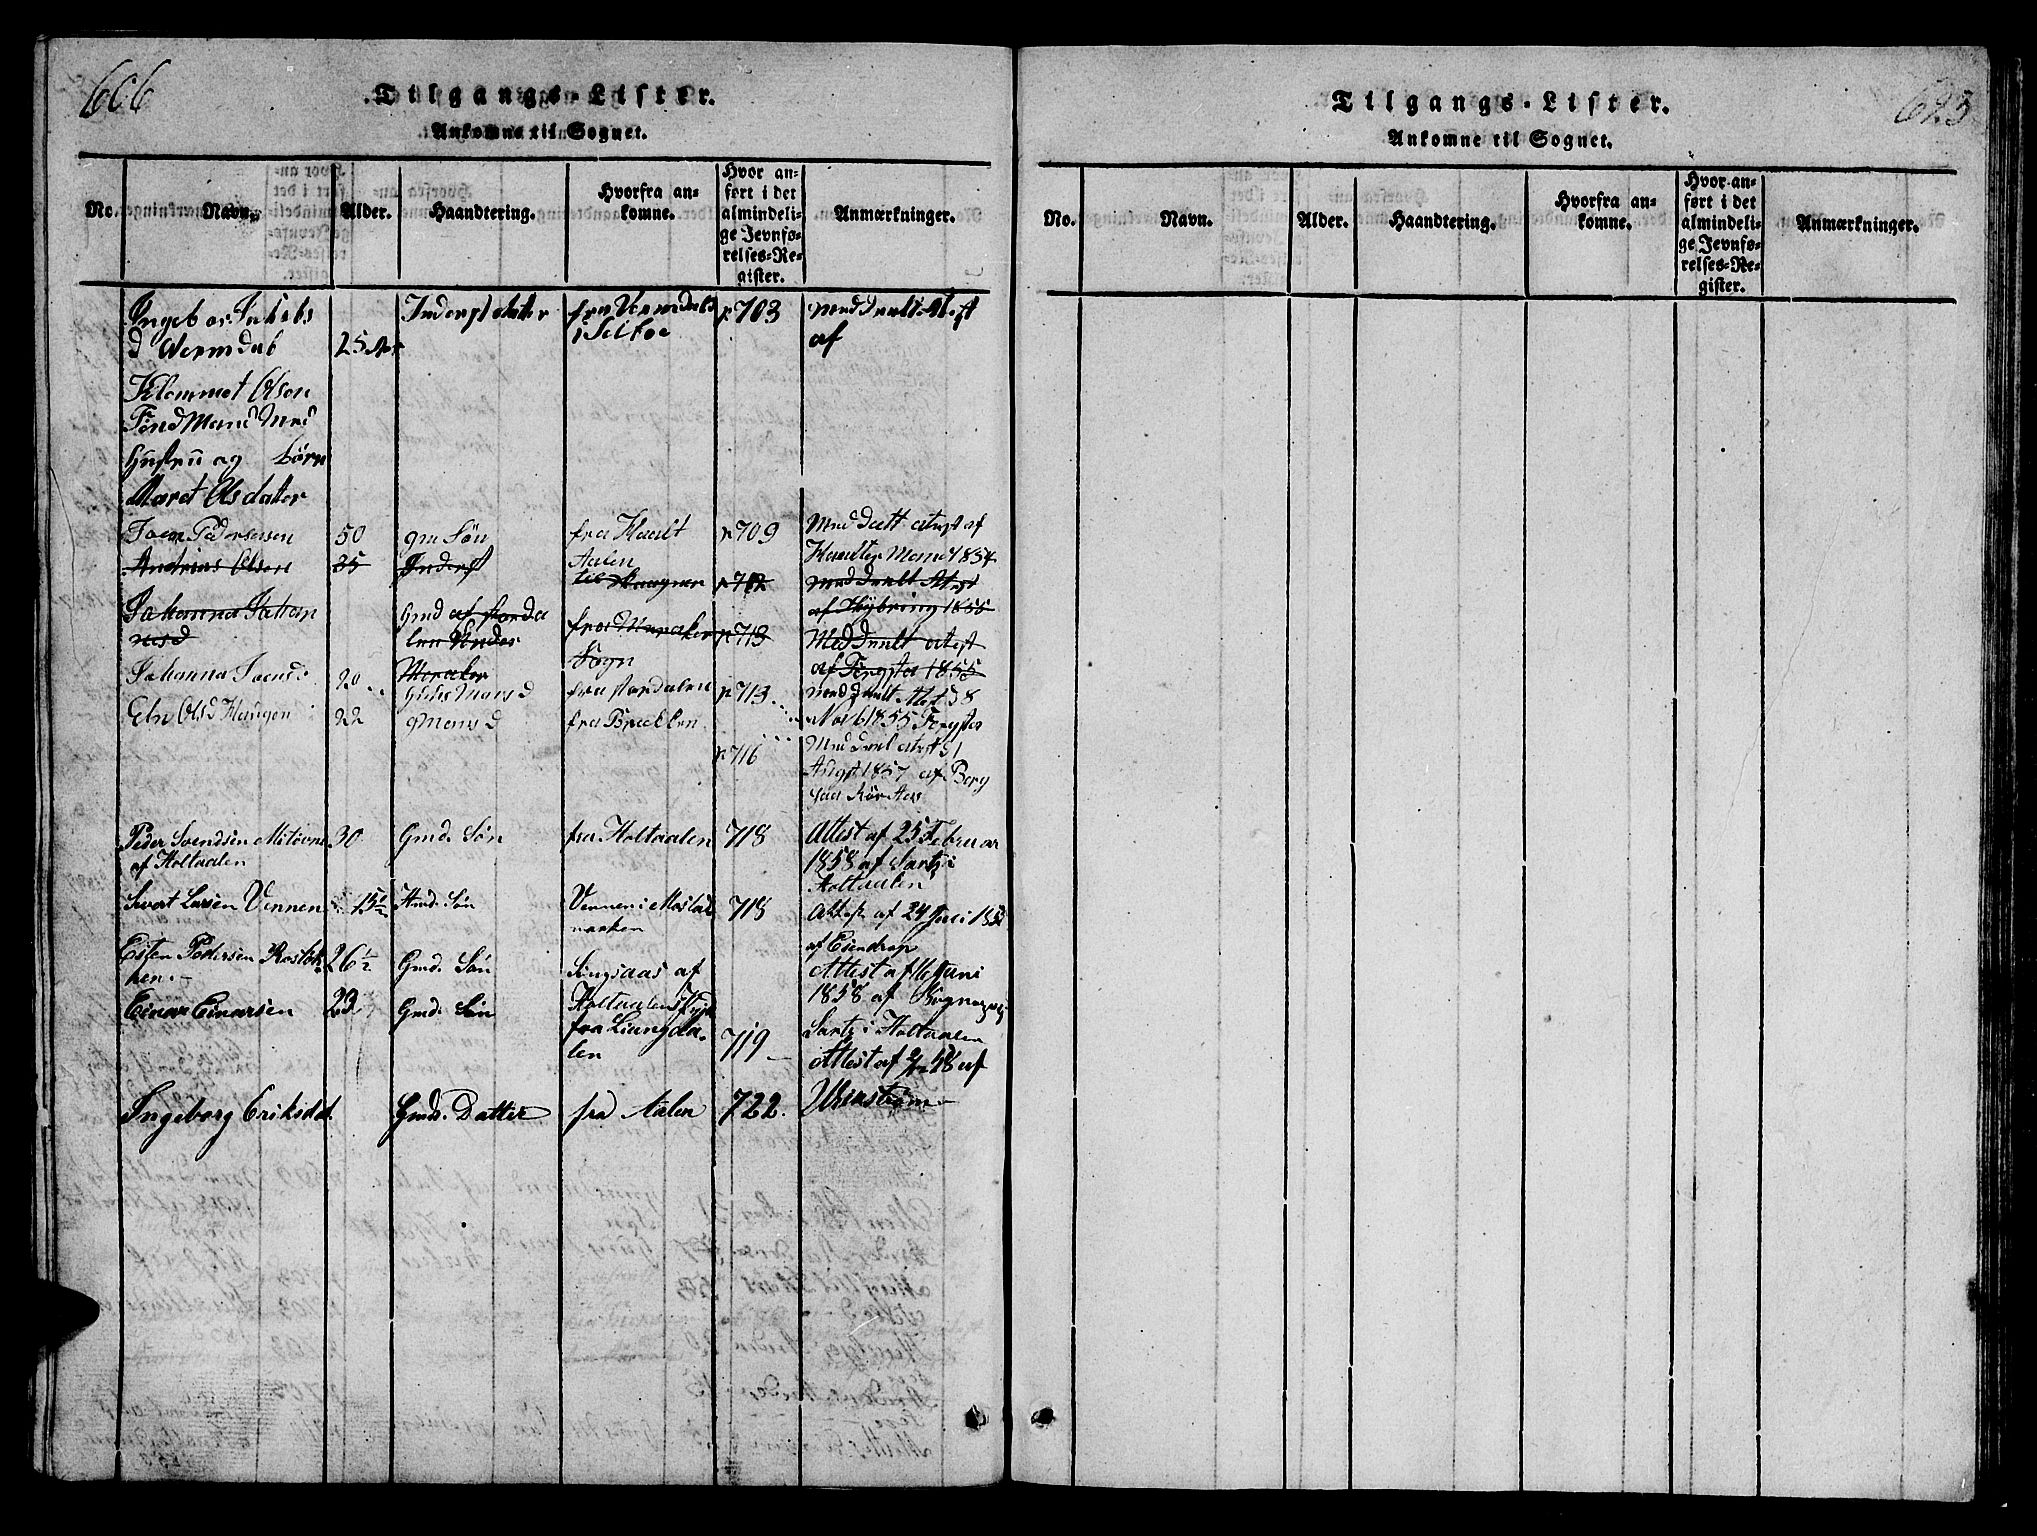 SAT, Ministerialprotokoller, klokkerbøker og fødselsregistre - Sør-Trøndelag, 698/L1164: Klokkerbok nr. 698C01, 1816-1861, s. 606-623